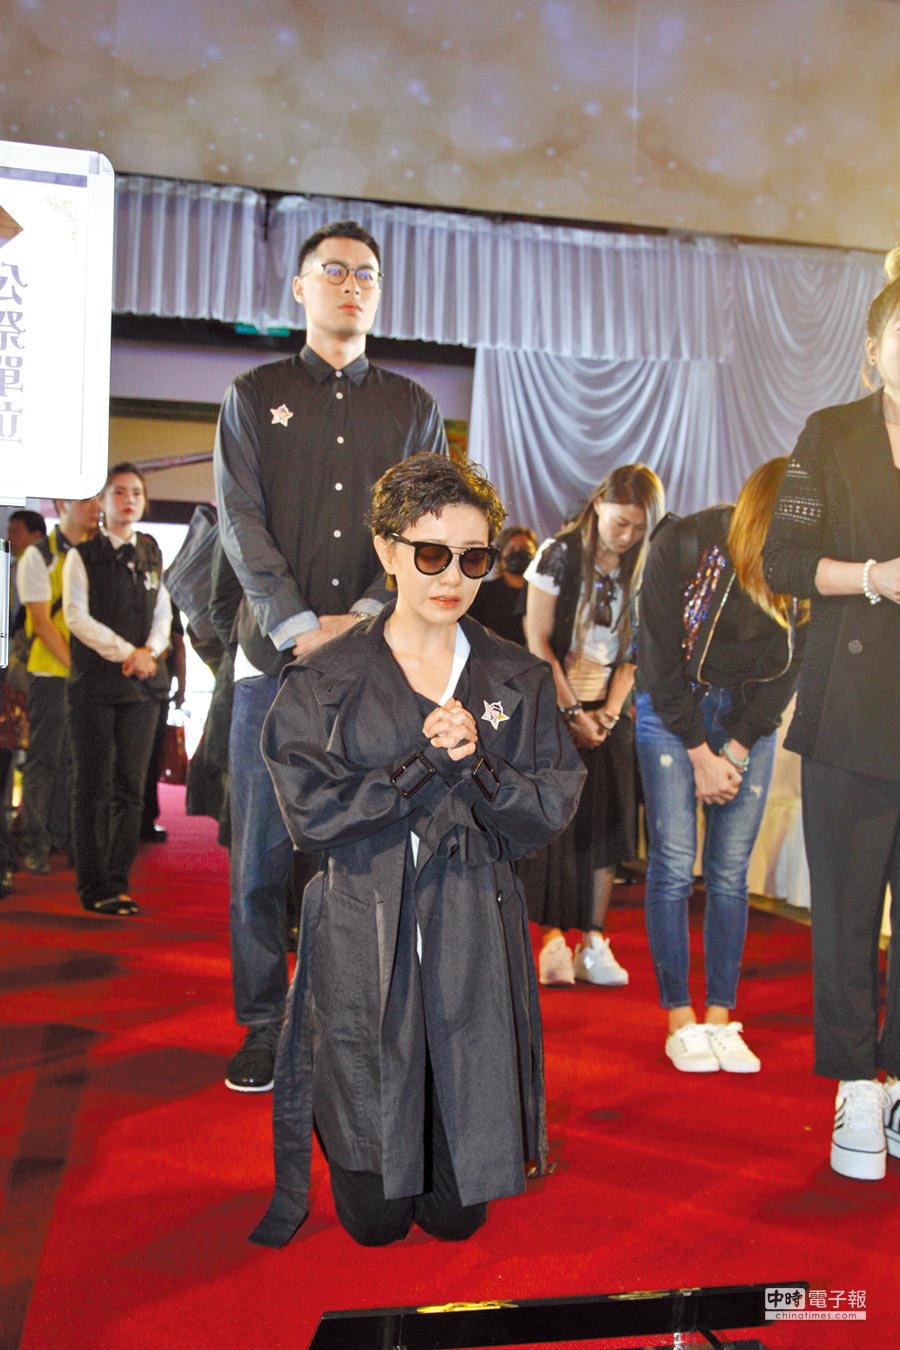 郭采潔(前)在靈堂前下跪,楊祐寧則站在後方神情肅穆。(台北市攝影記者聯誼會提供)